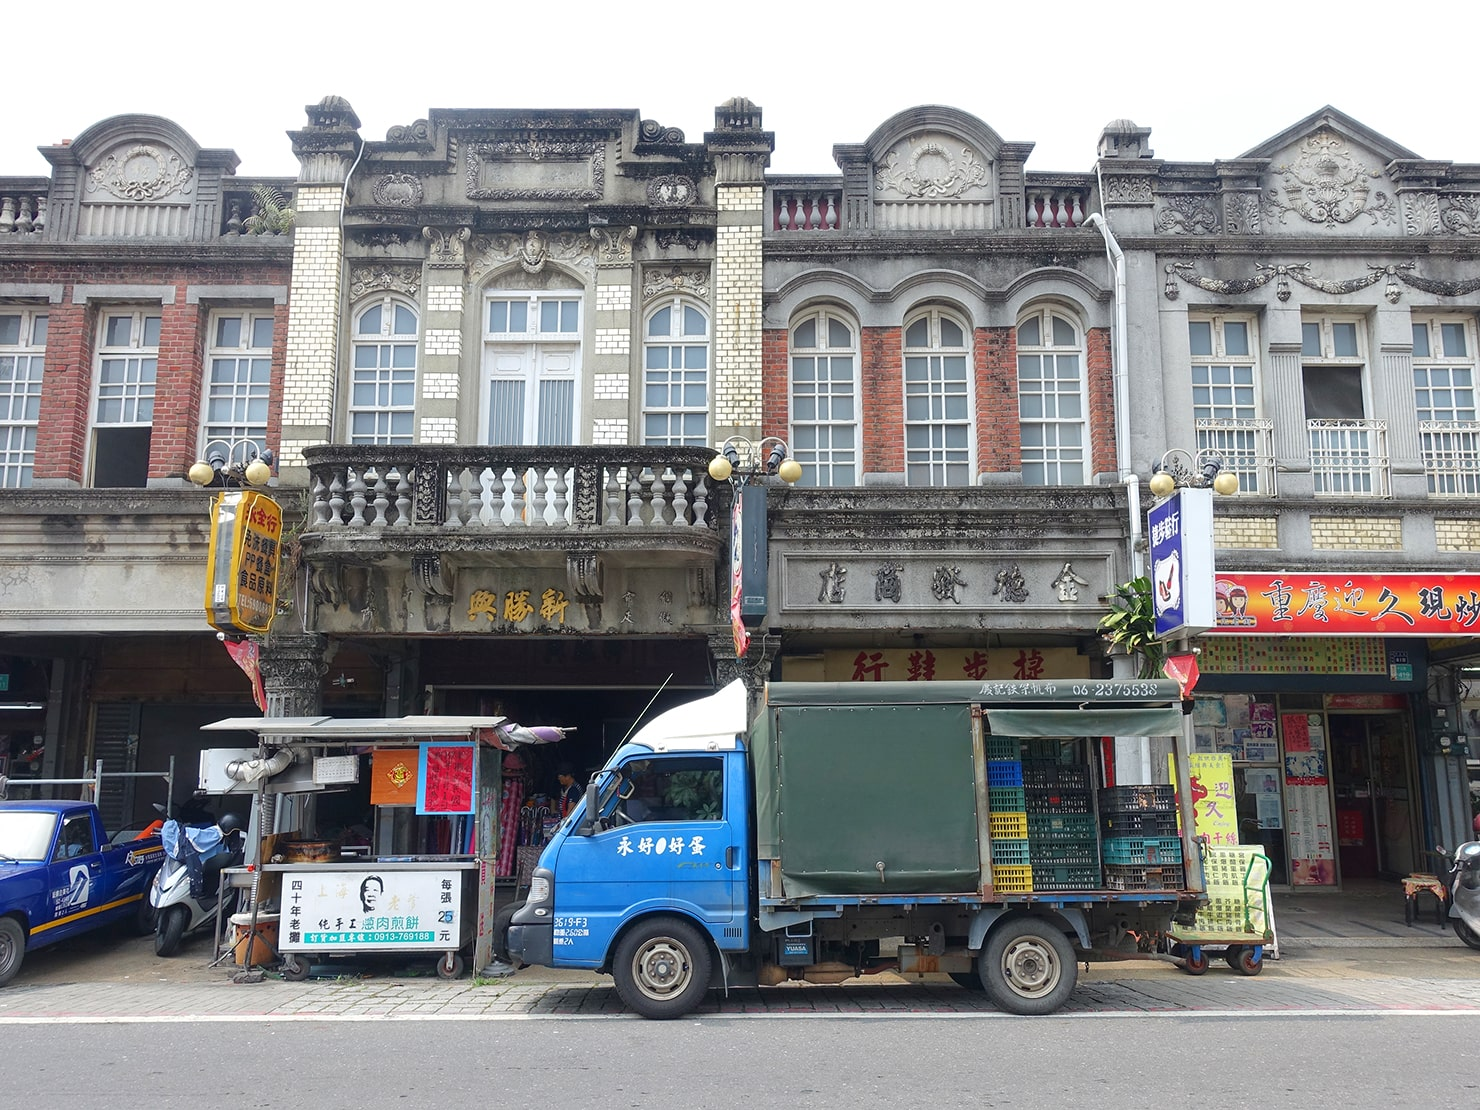 台南市街郊外のおすすめ観光スポット「新化老街」